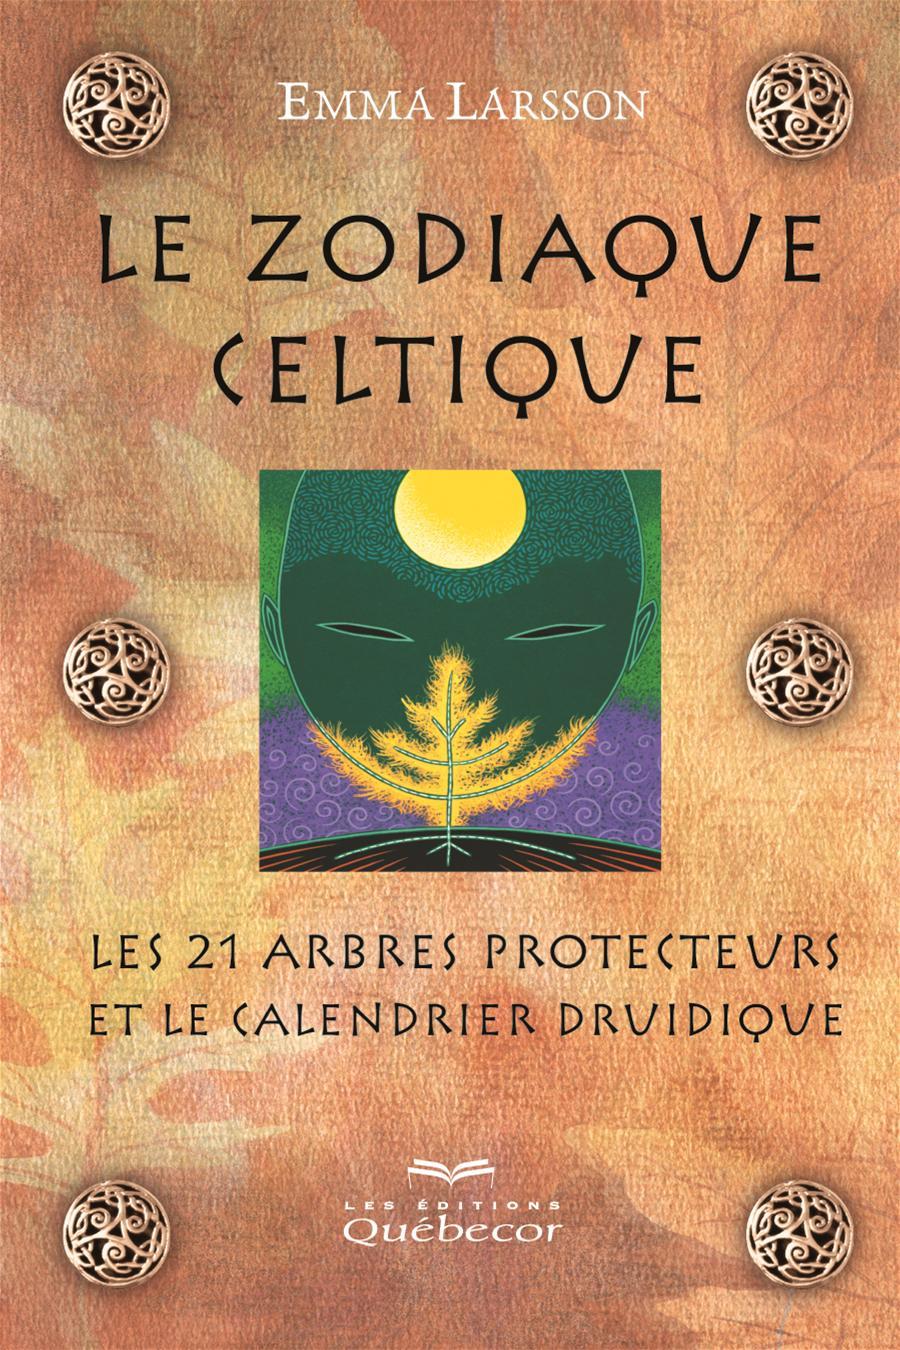 Le zodiaque celtique